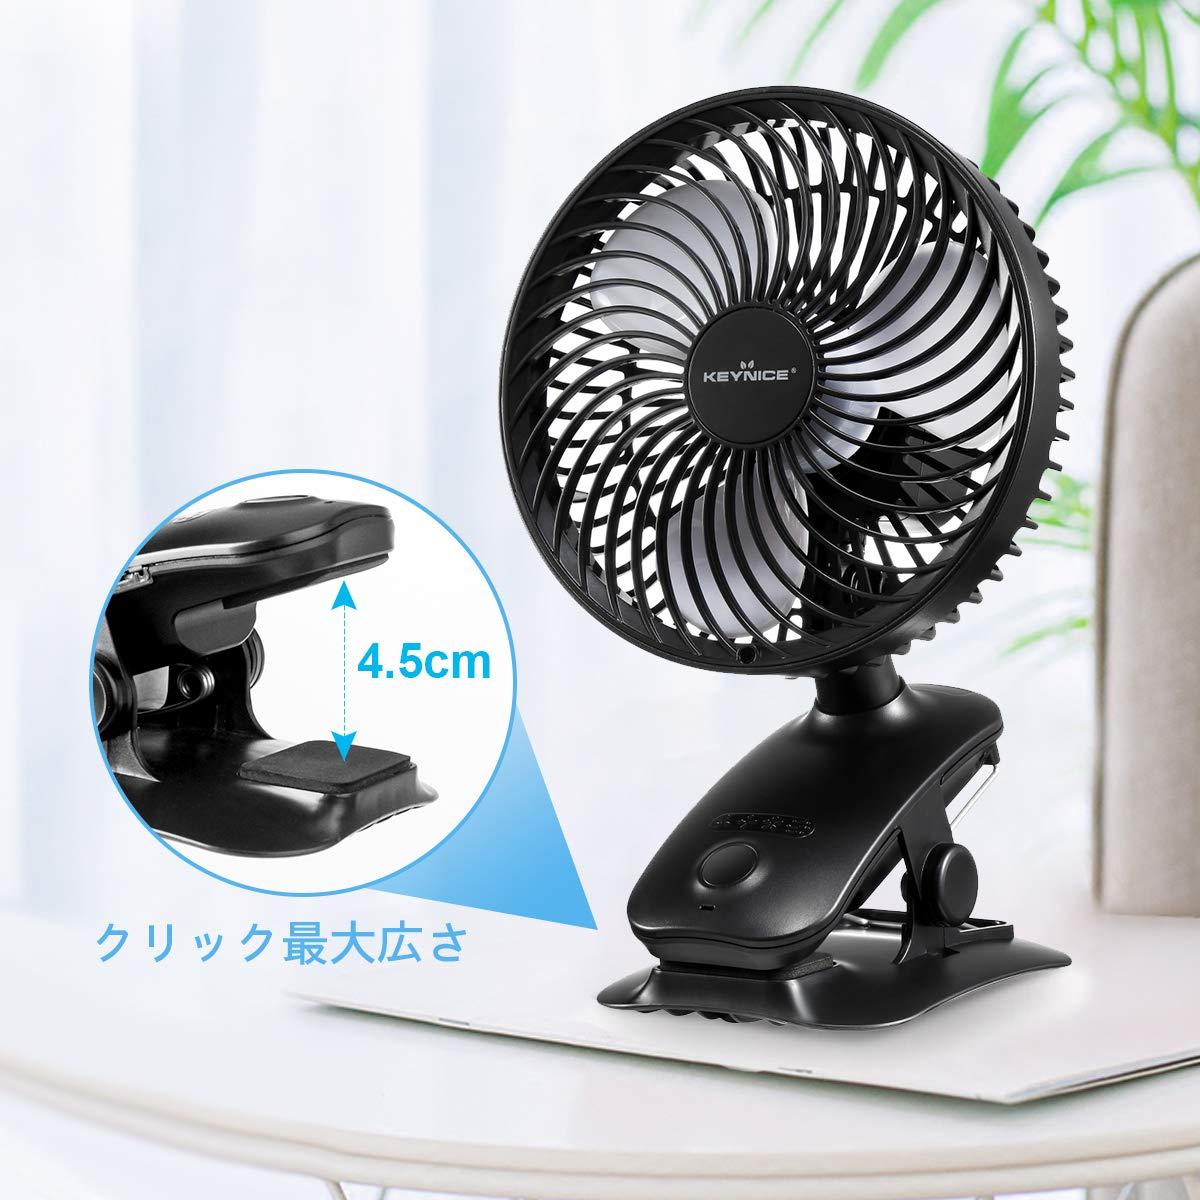 【2019年新商品】KEYNICEUSB扇風機自動首振り自然風モード充電式クリップ卓上静音ミニ扇風機usbファン風量4段階調節パワフル長時間連続使用ブラック